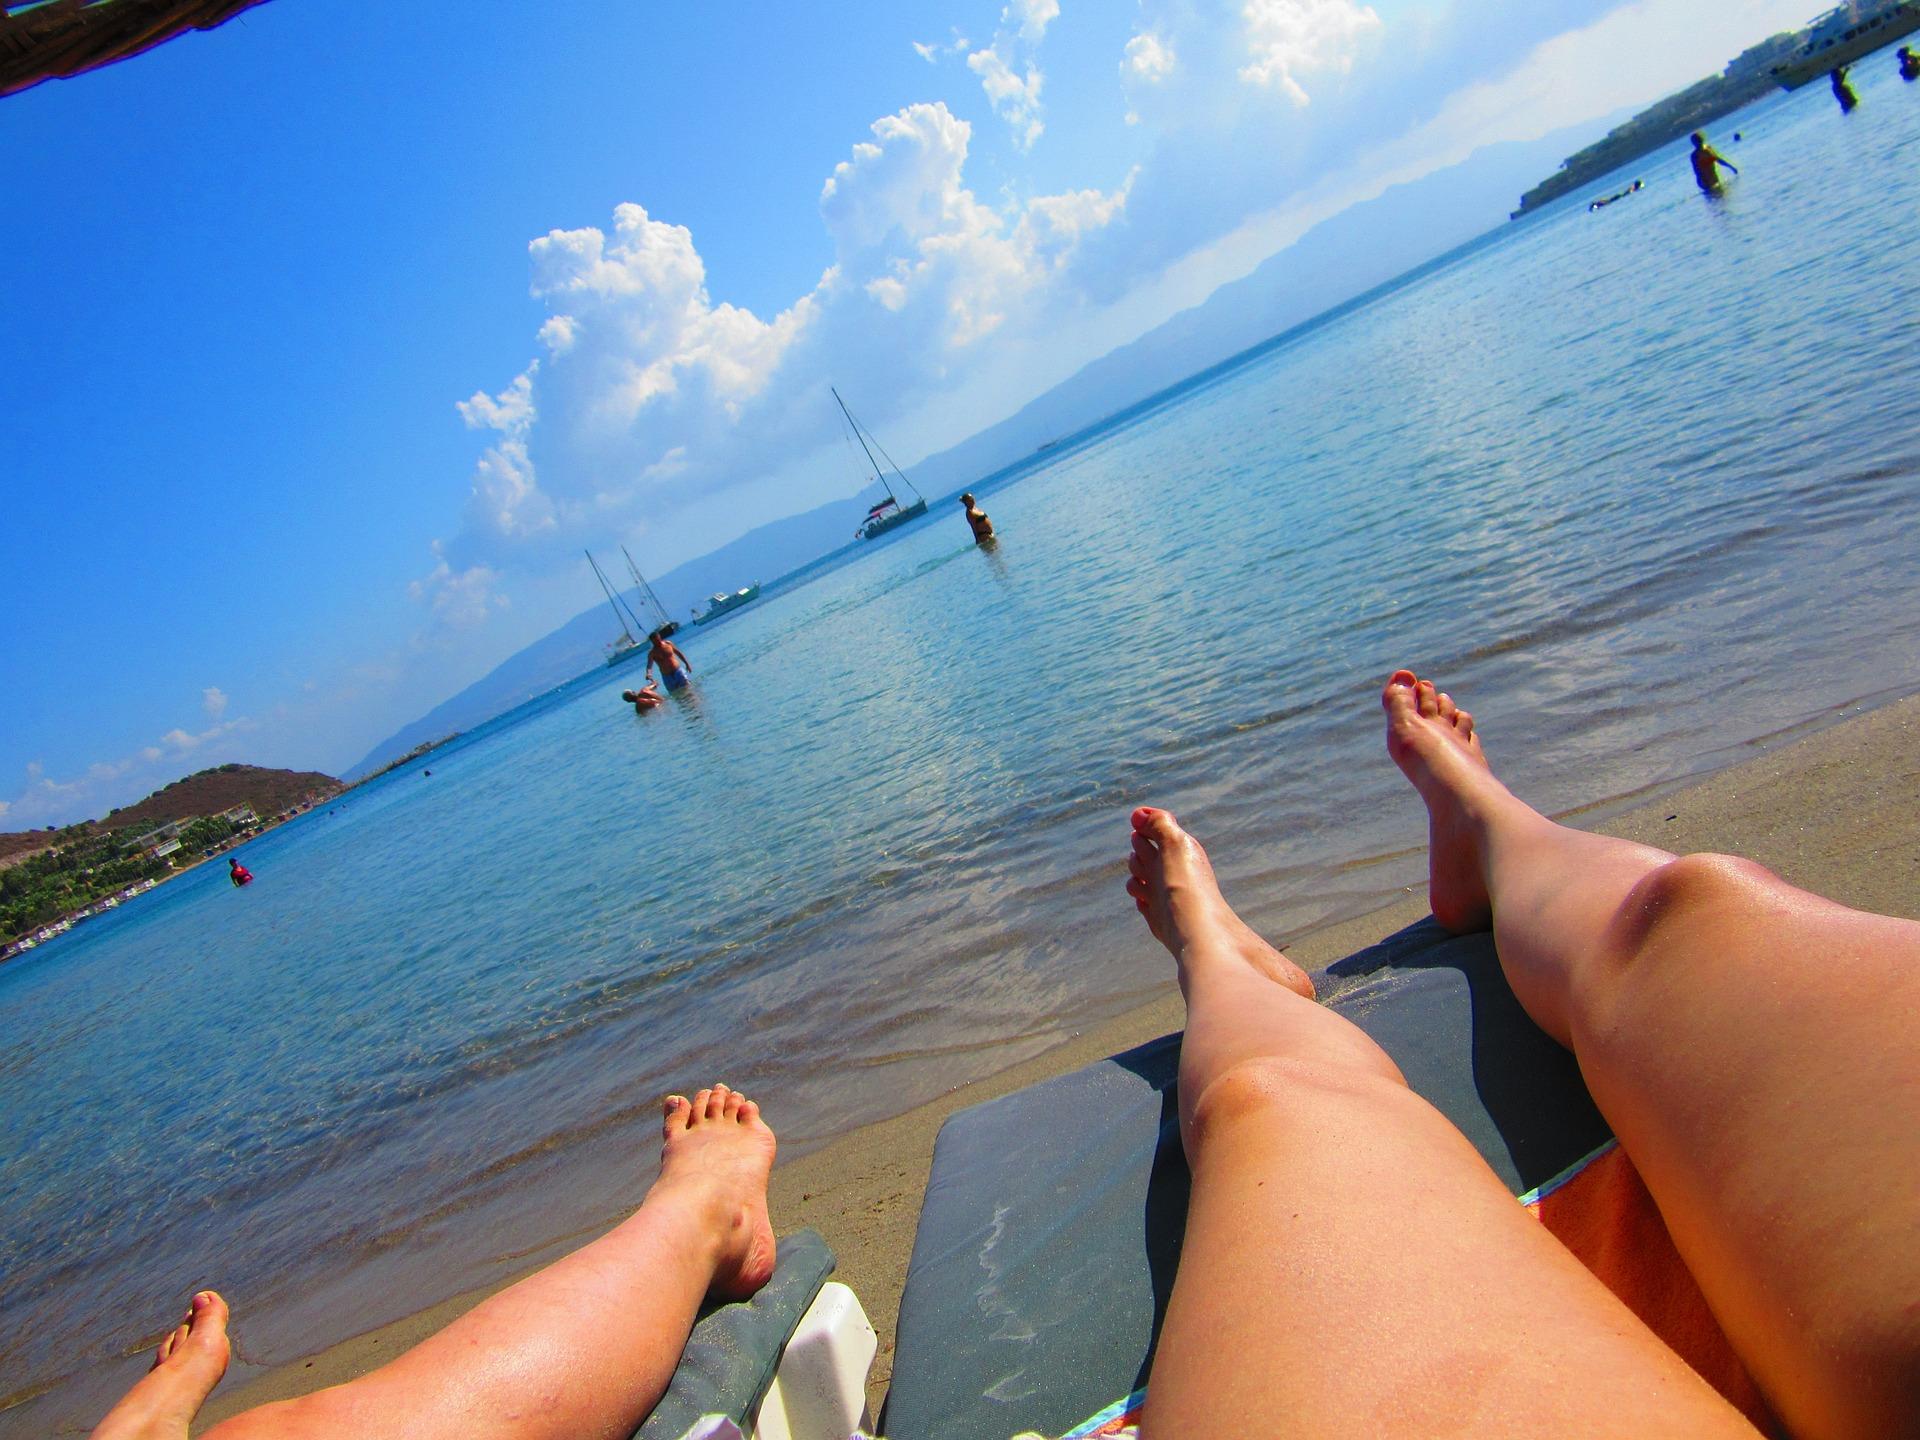 Bodrum Urlaub - Pauschalreise 185,81€ eine Woche Türkei